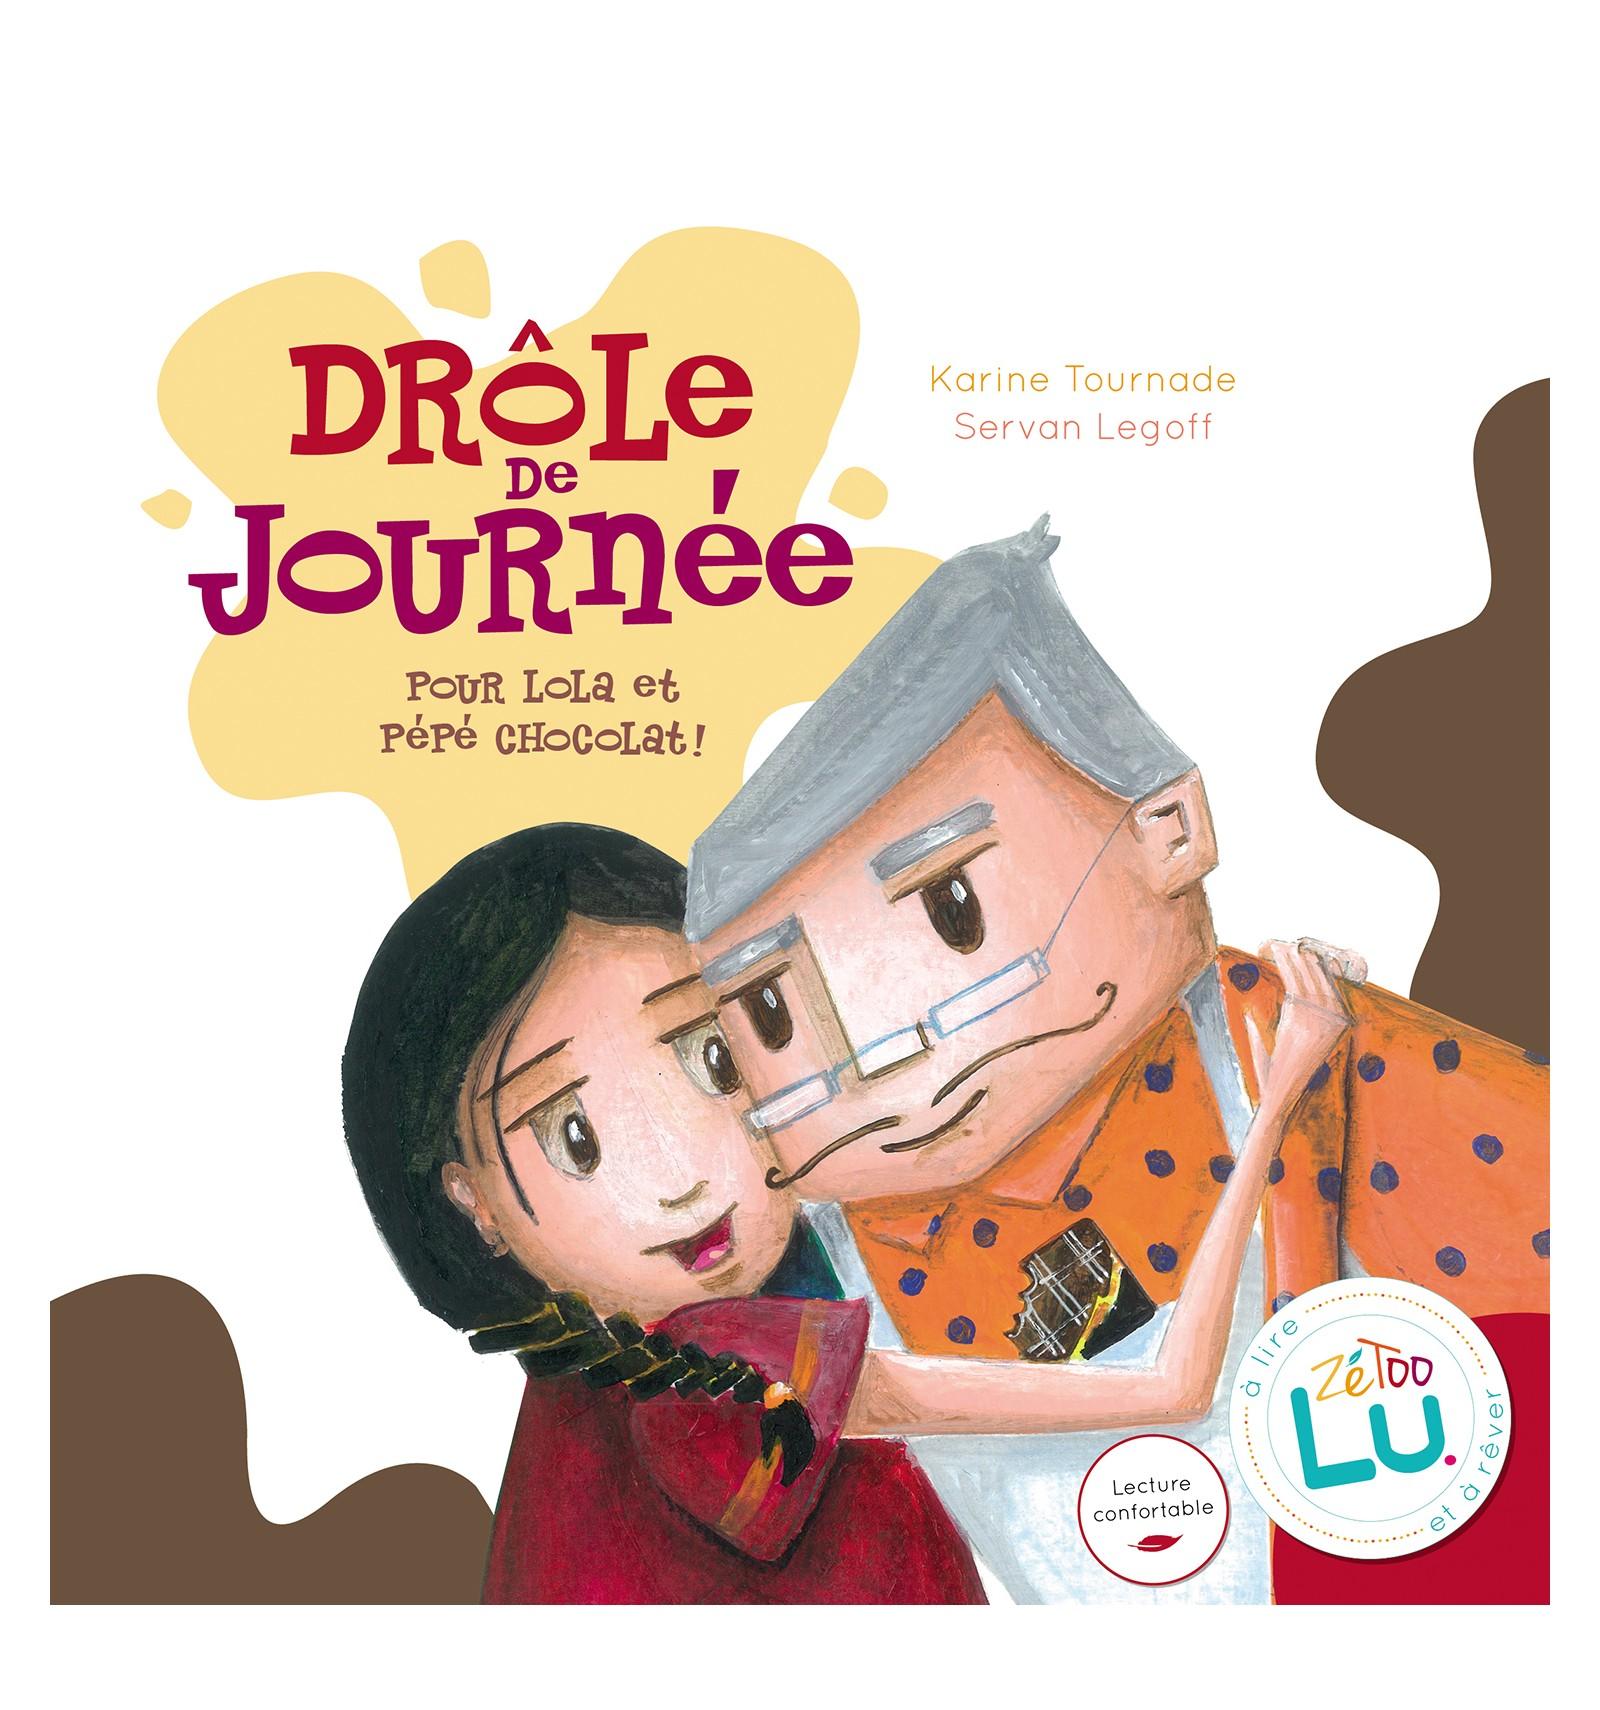 Drole De Journee Pour Lola Et Pepe Chocolat